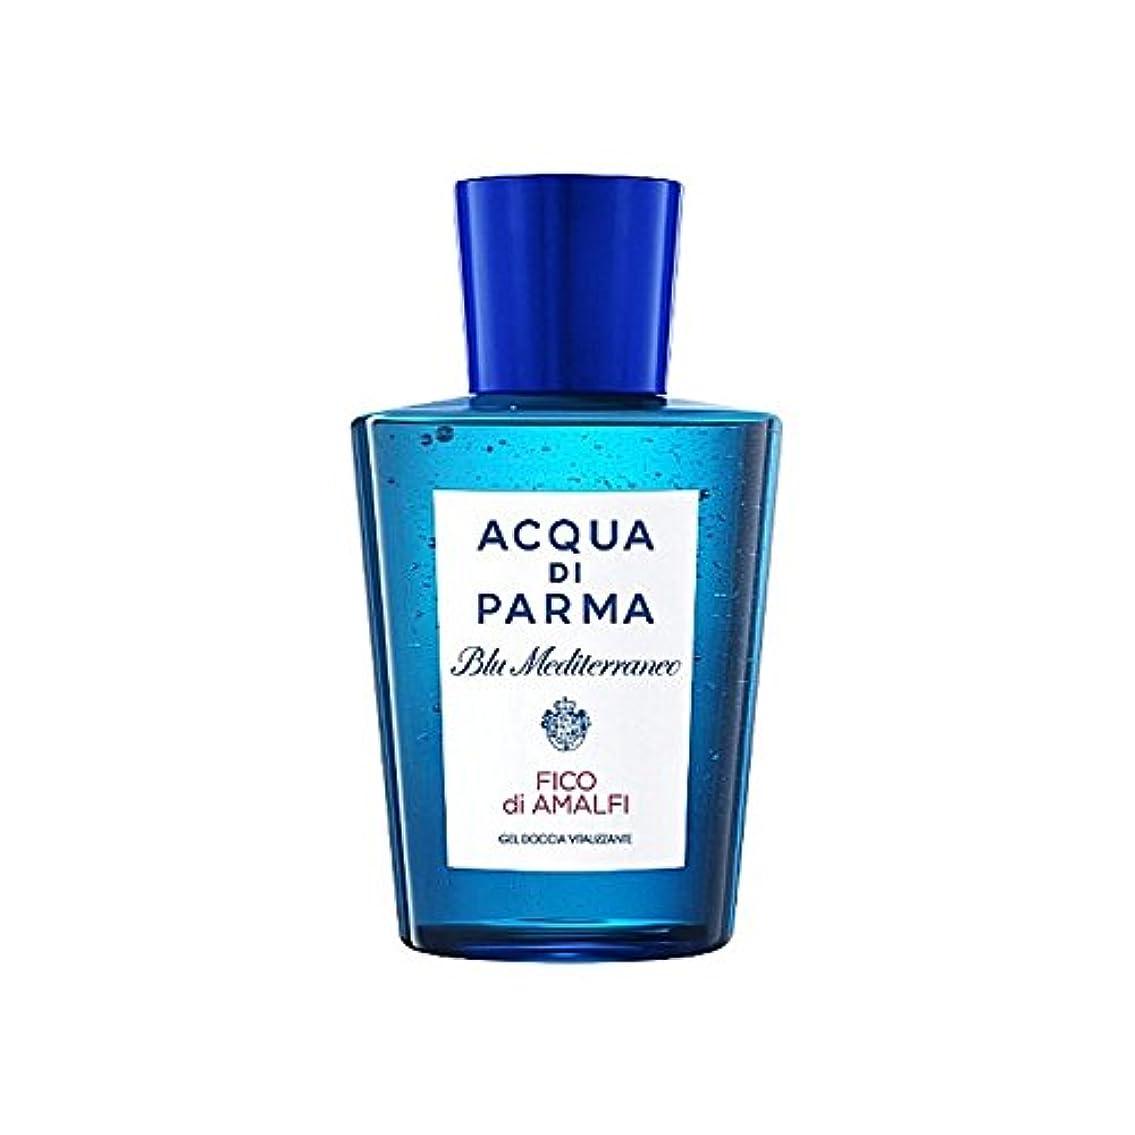 なすディスク神Acqua Di Parma Blu Mediterraneo Fico Di Amalfi Shower Gel 200ml - アクアディパルマブルーメディジアマルフィシャワージェル200 [並行輸入品]